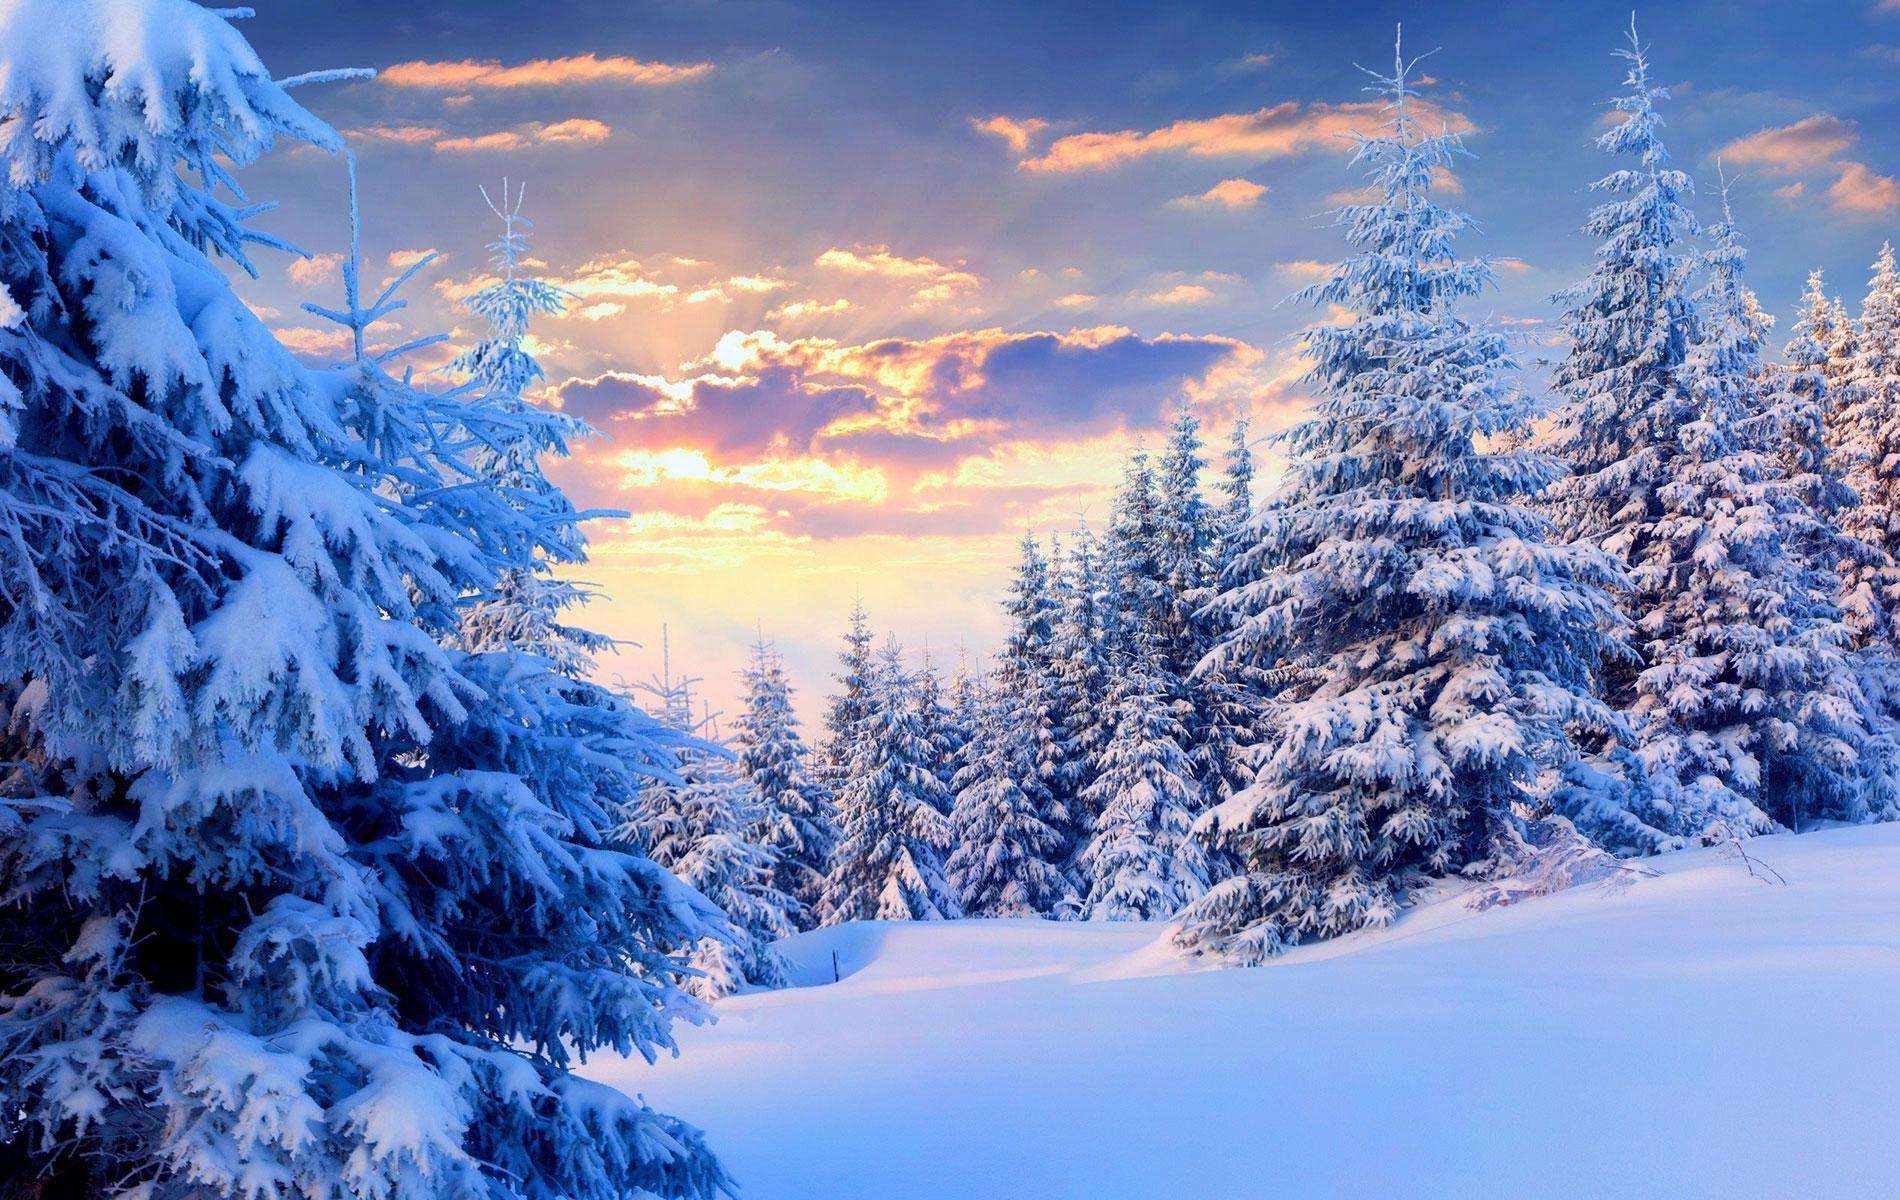 winter-symphony-neva-masquerade-02